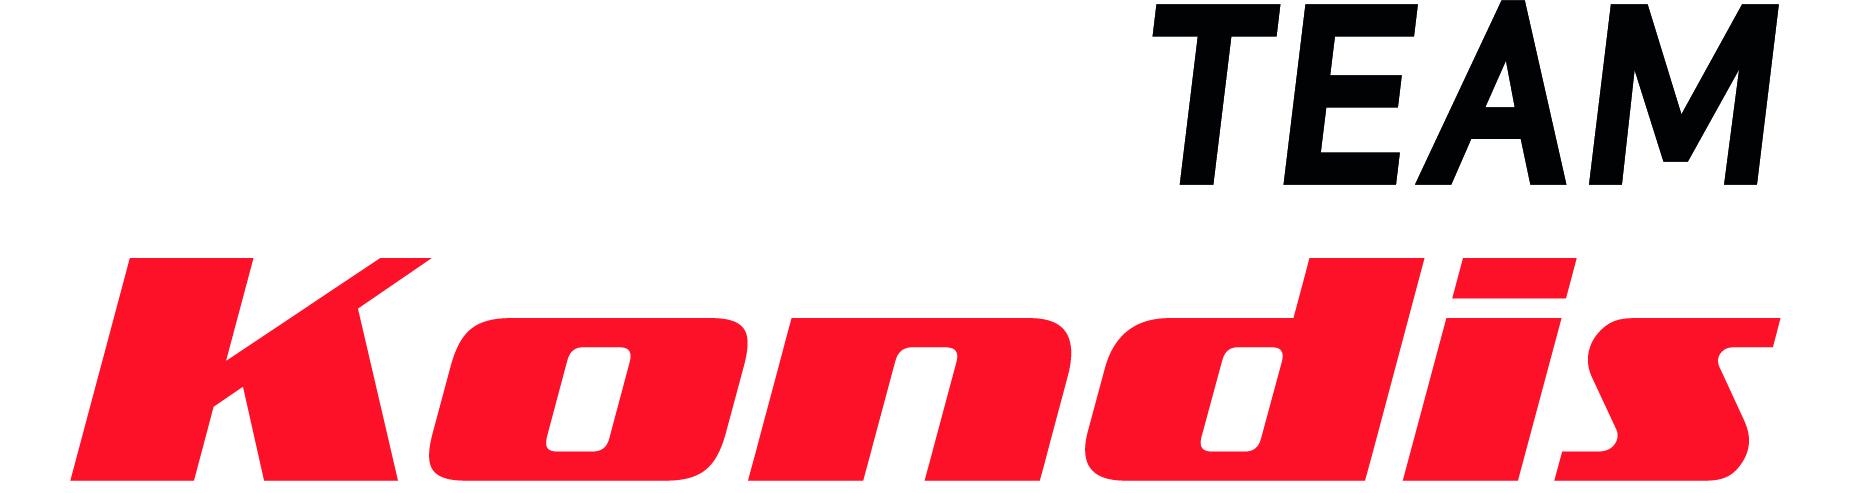 Team Kondis_logo.jpg